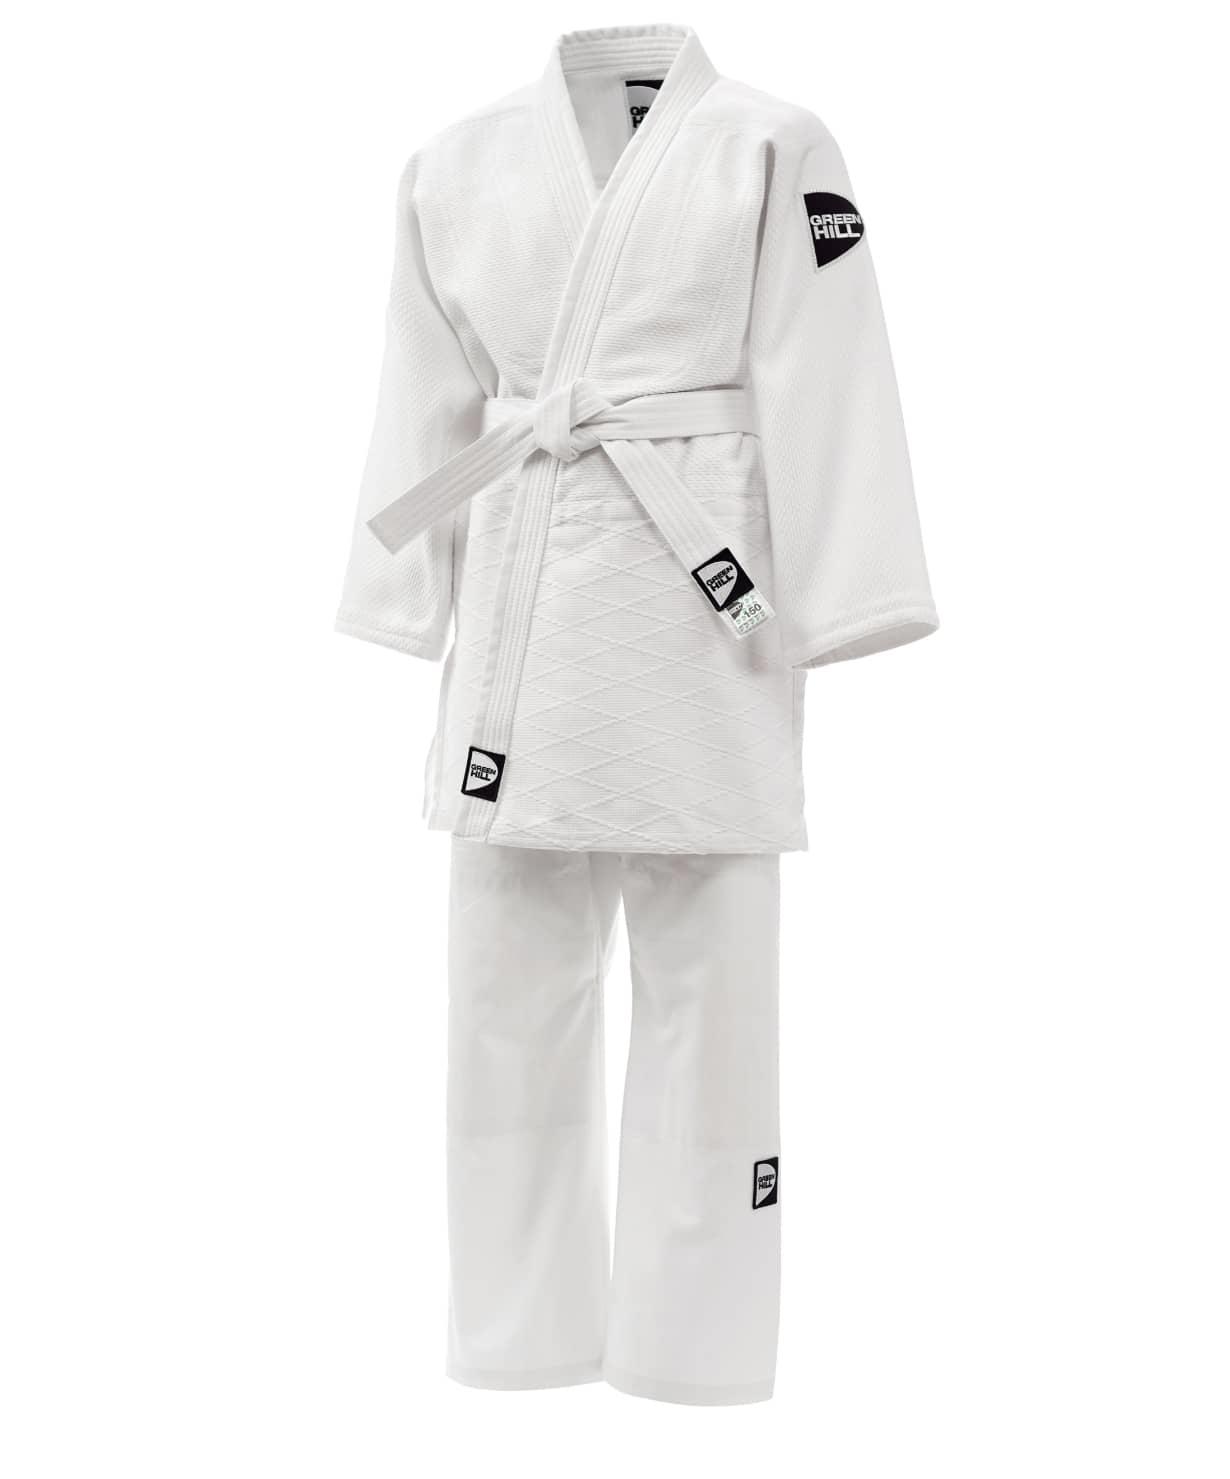 Кимоно для дзюдо JSTT-10761, белый, р.6/190